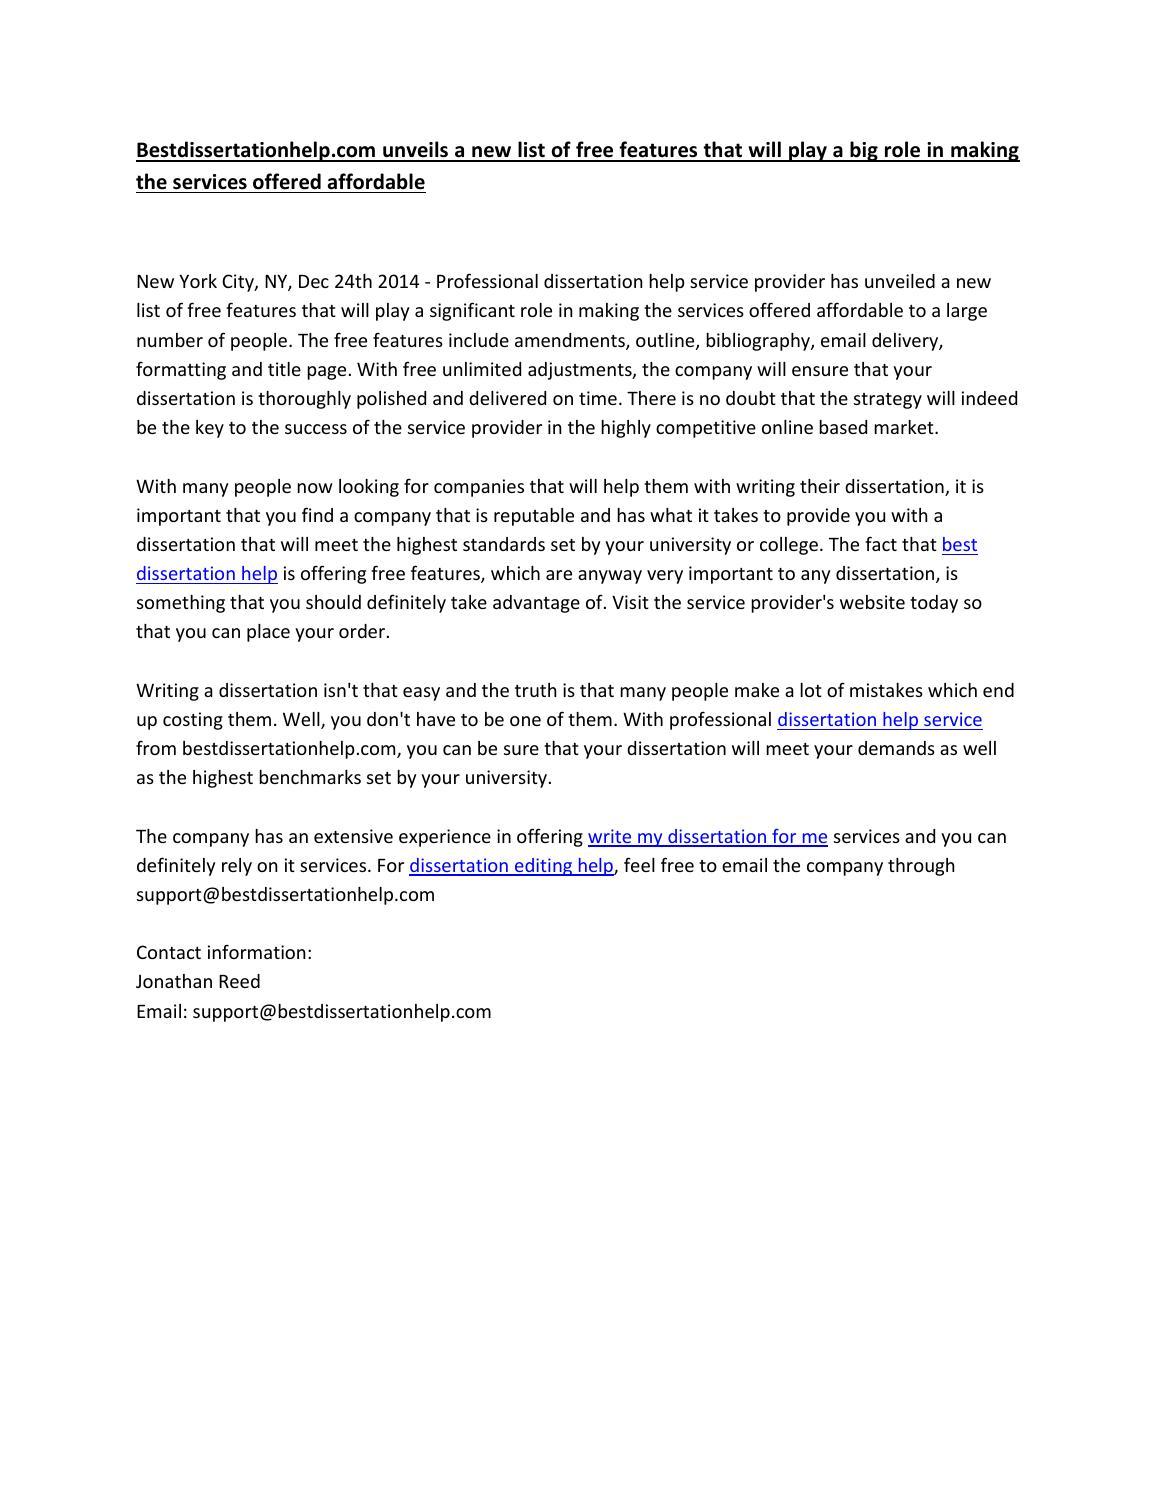 Help on dissertation 9001